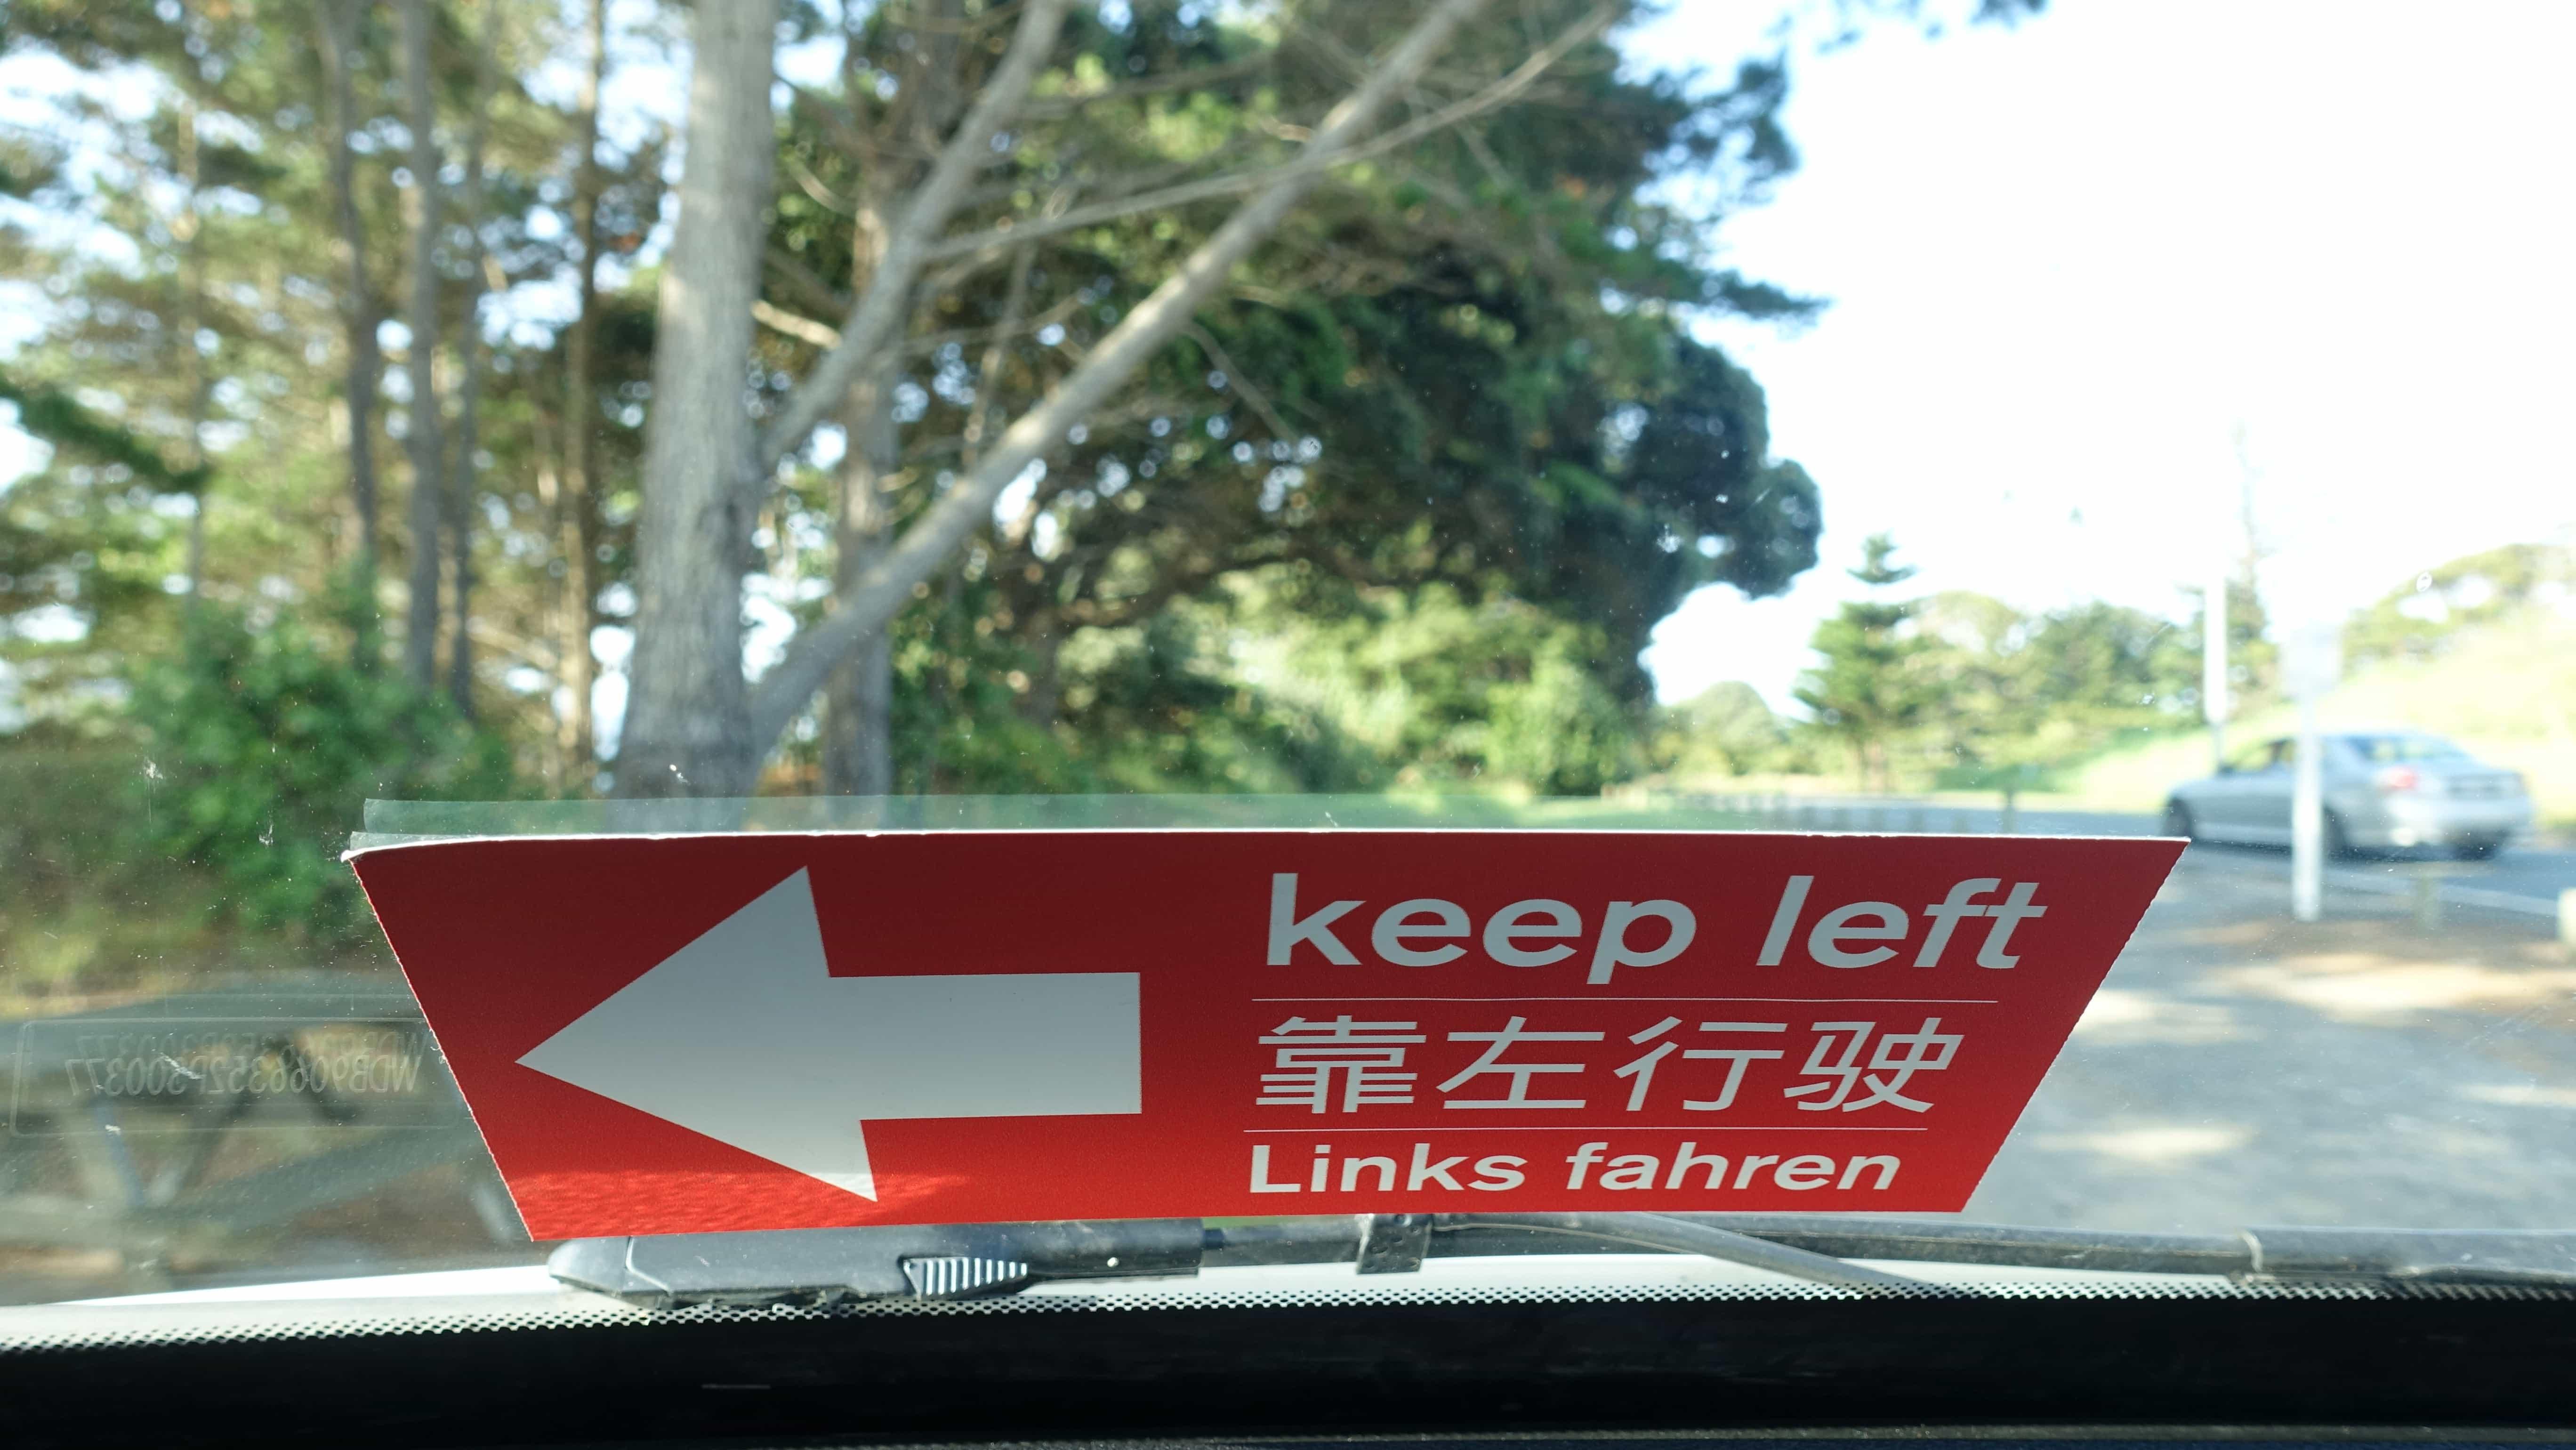 Warnschilder deuten auf den Linksverkehr in Neuseeland hin.